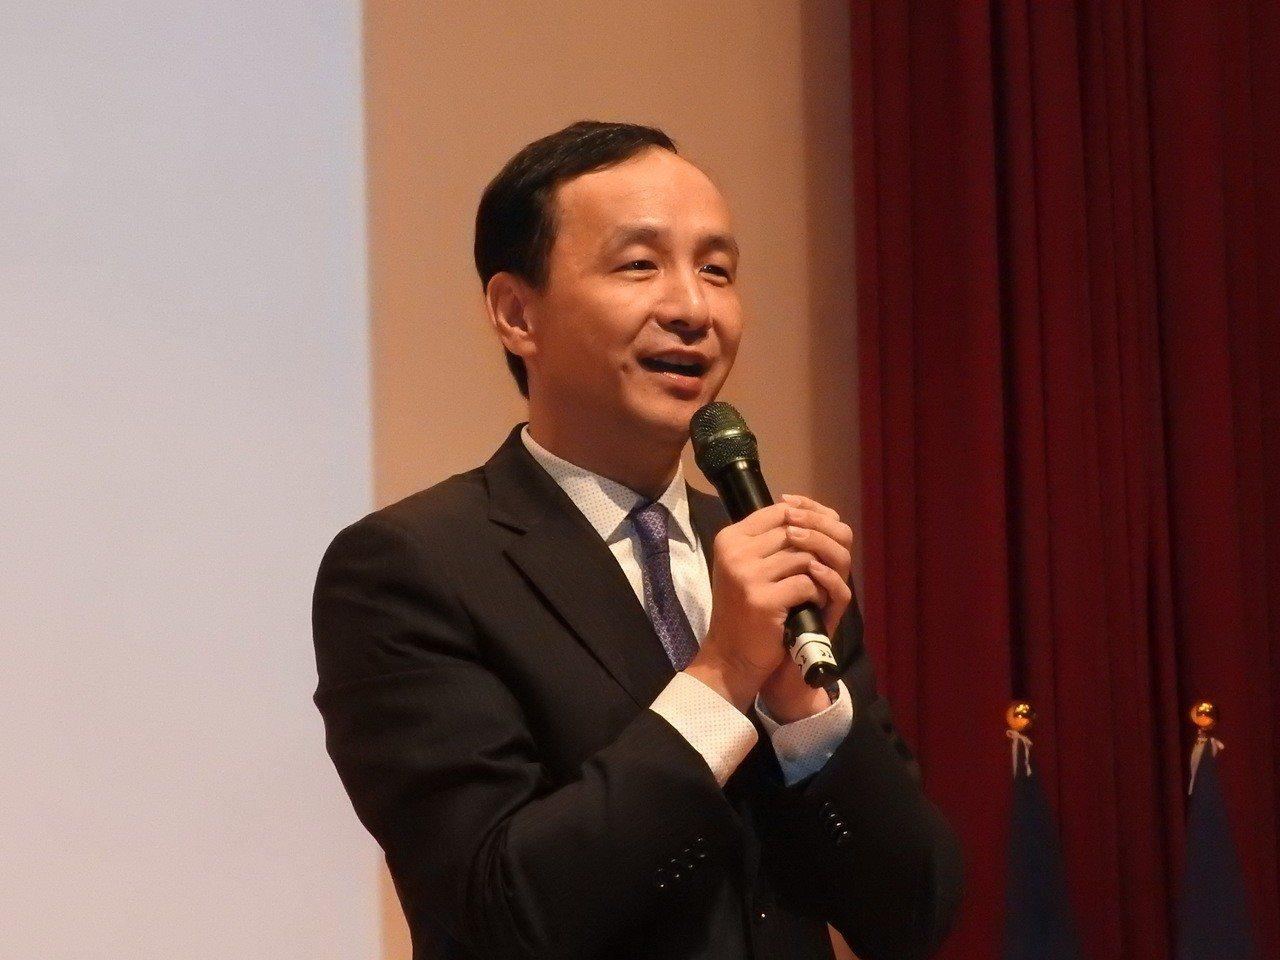 新北市長朱立倫。記者祁容玉攝影/聯合報系資料照